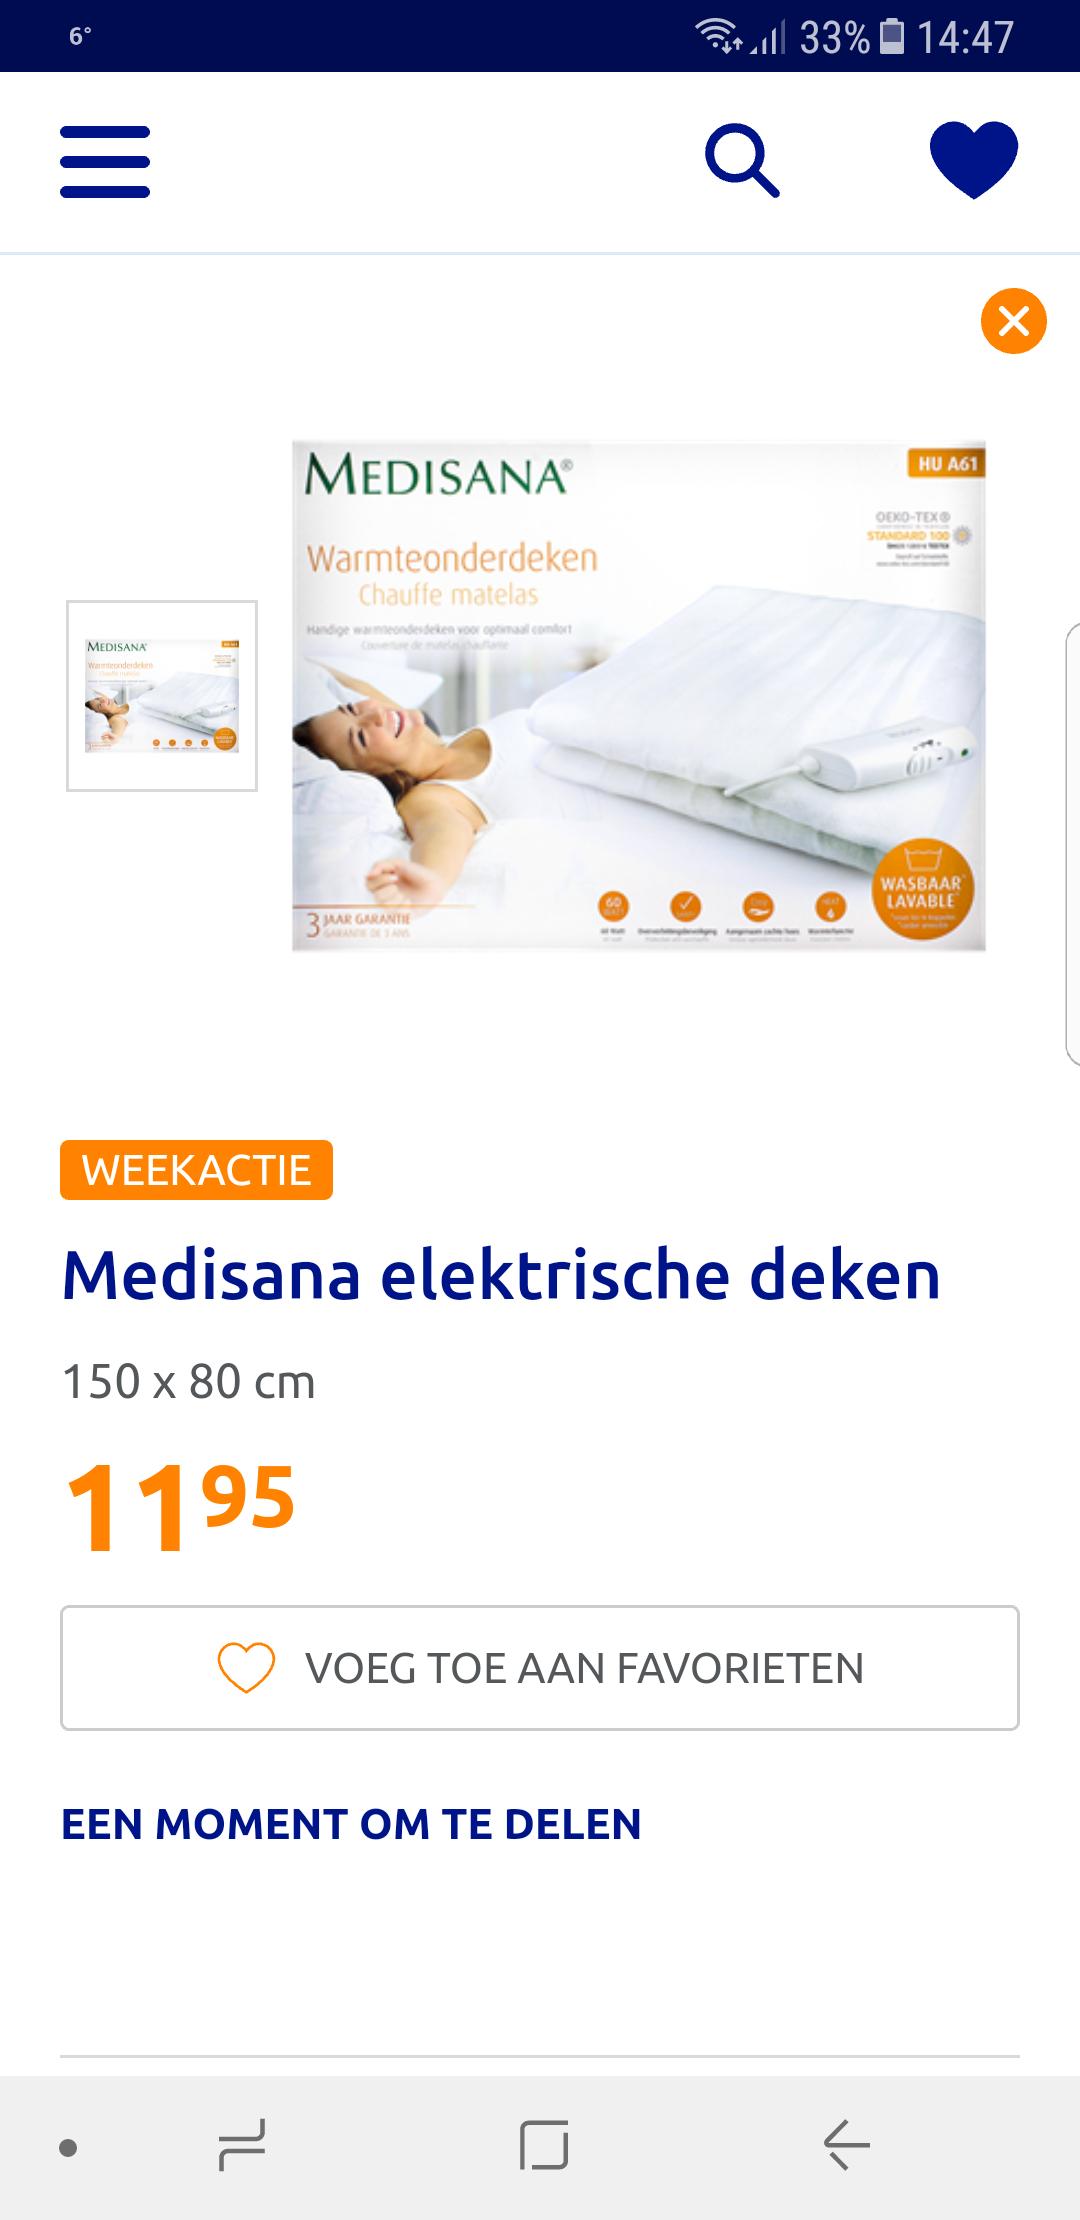 Medisana elektrische (onder)deken bij Action voor 11,95